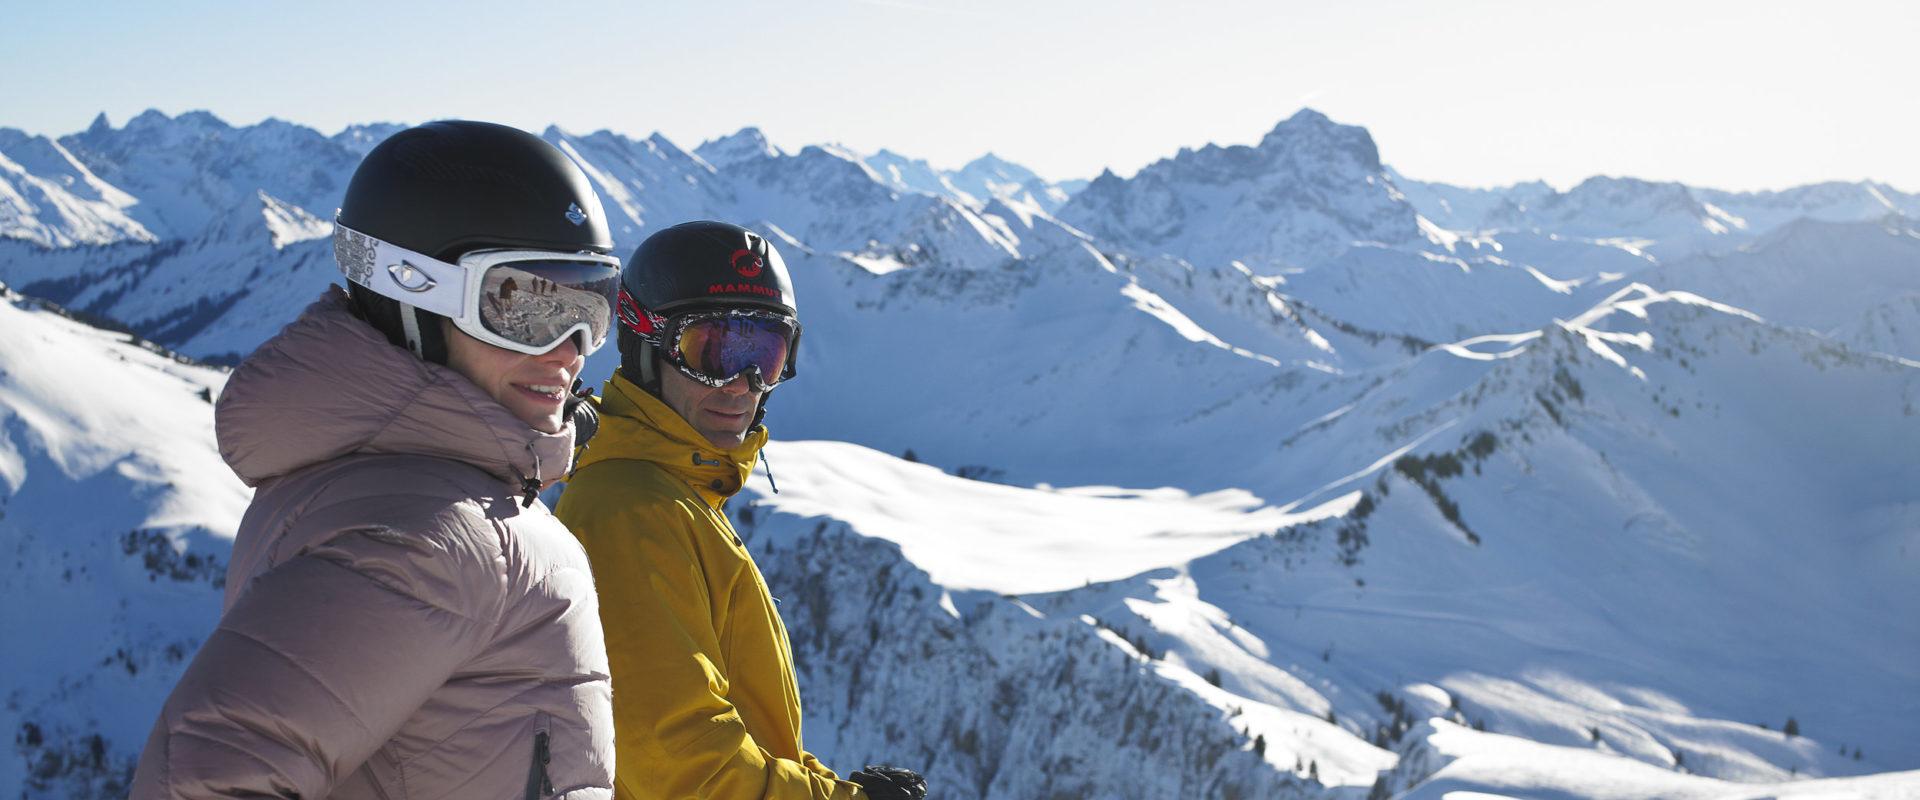 Skifahren am Diedamskopf © Alex Kaiser / Bergbahnen Diedamskopf